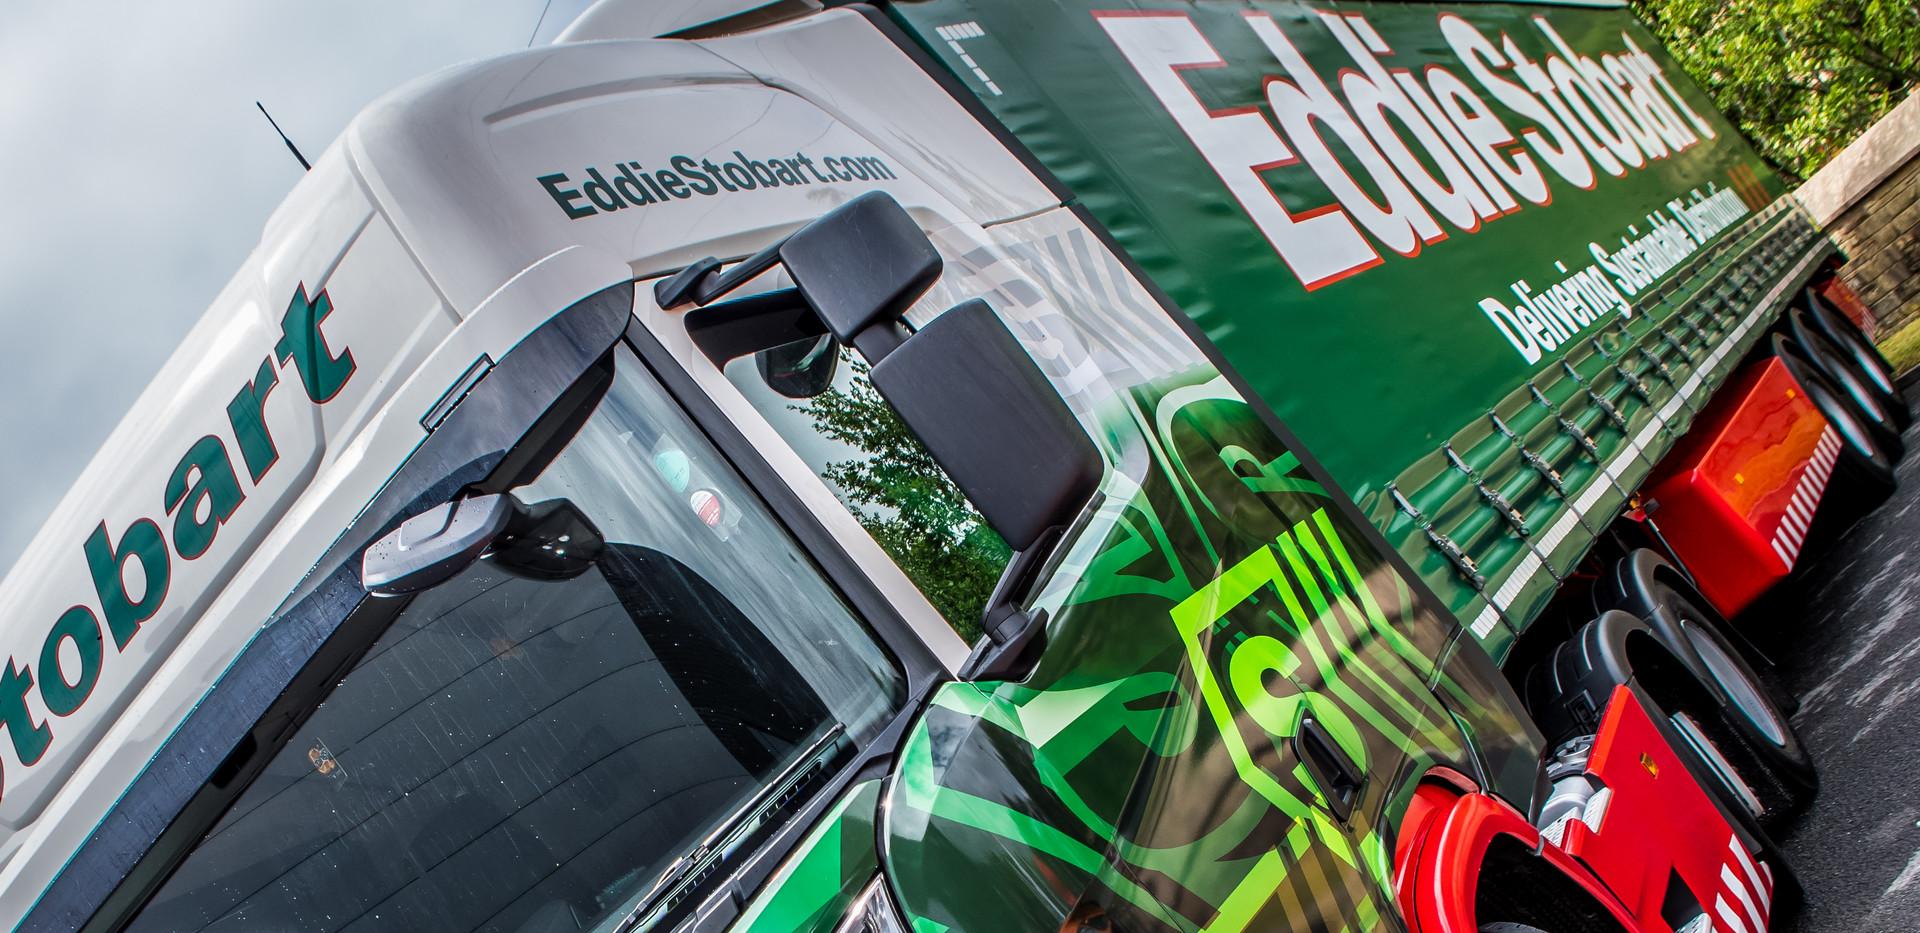 Car-tography - Eddie Stobart Truck.jpg